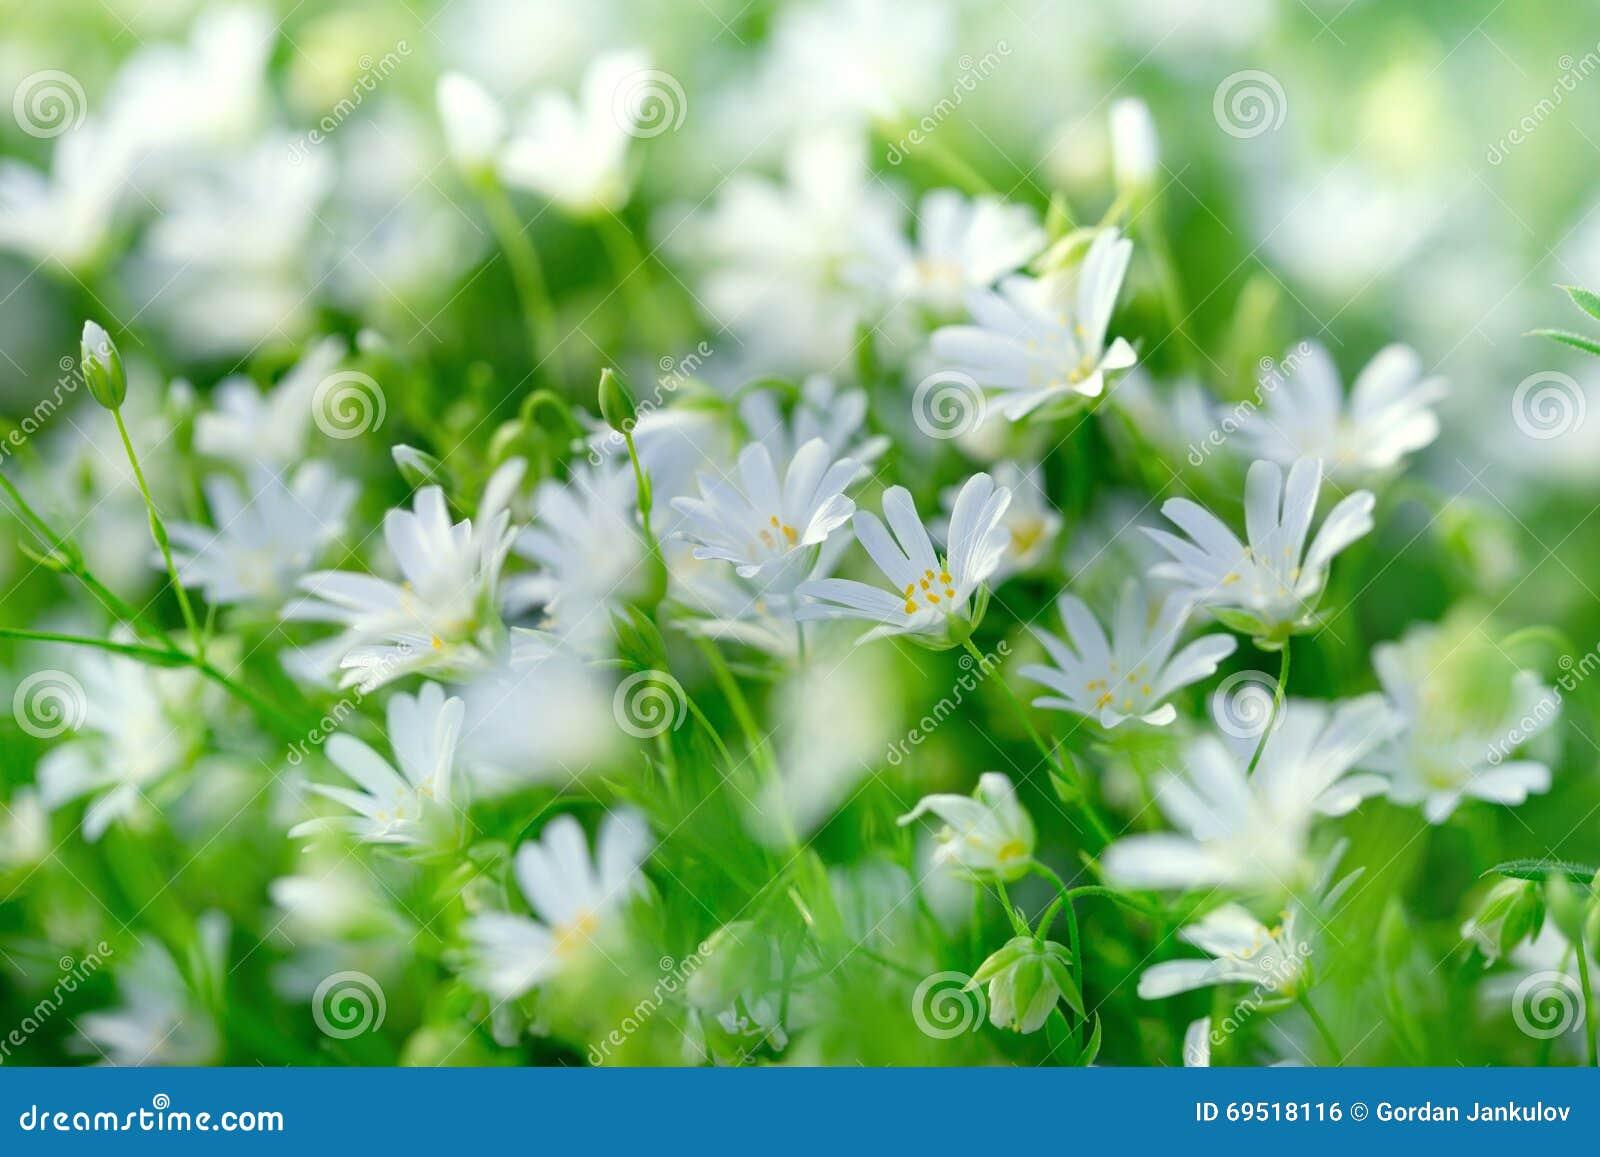 Flowering Meadow White Meadow Flowers Flowering Blooming In